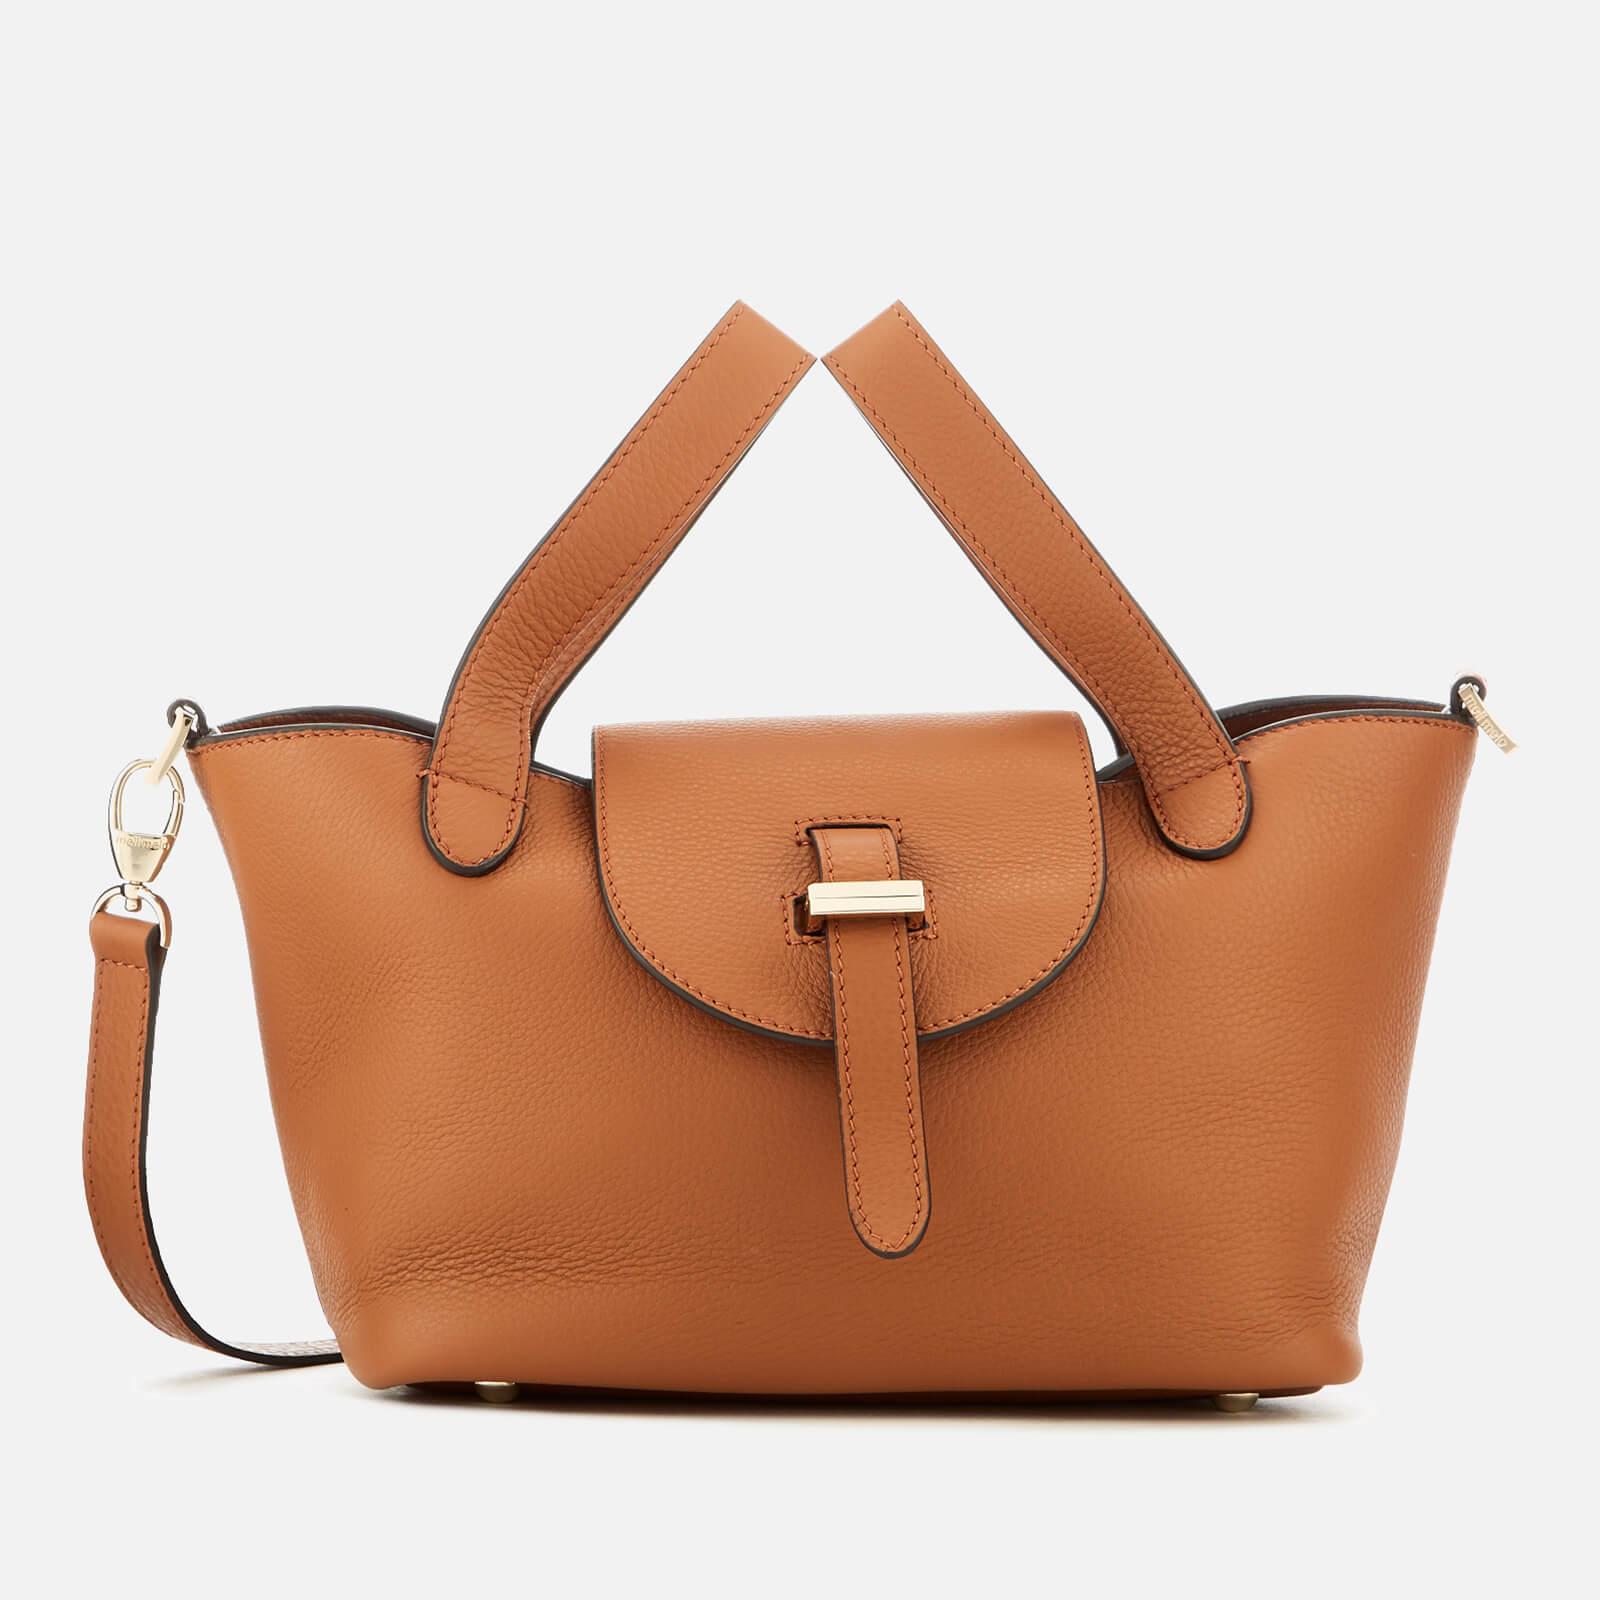 meli melo Women s Thela Mini Tote Bag - Tan 6112085588e8e